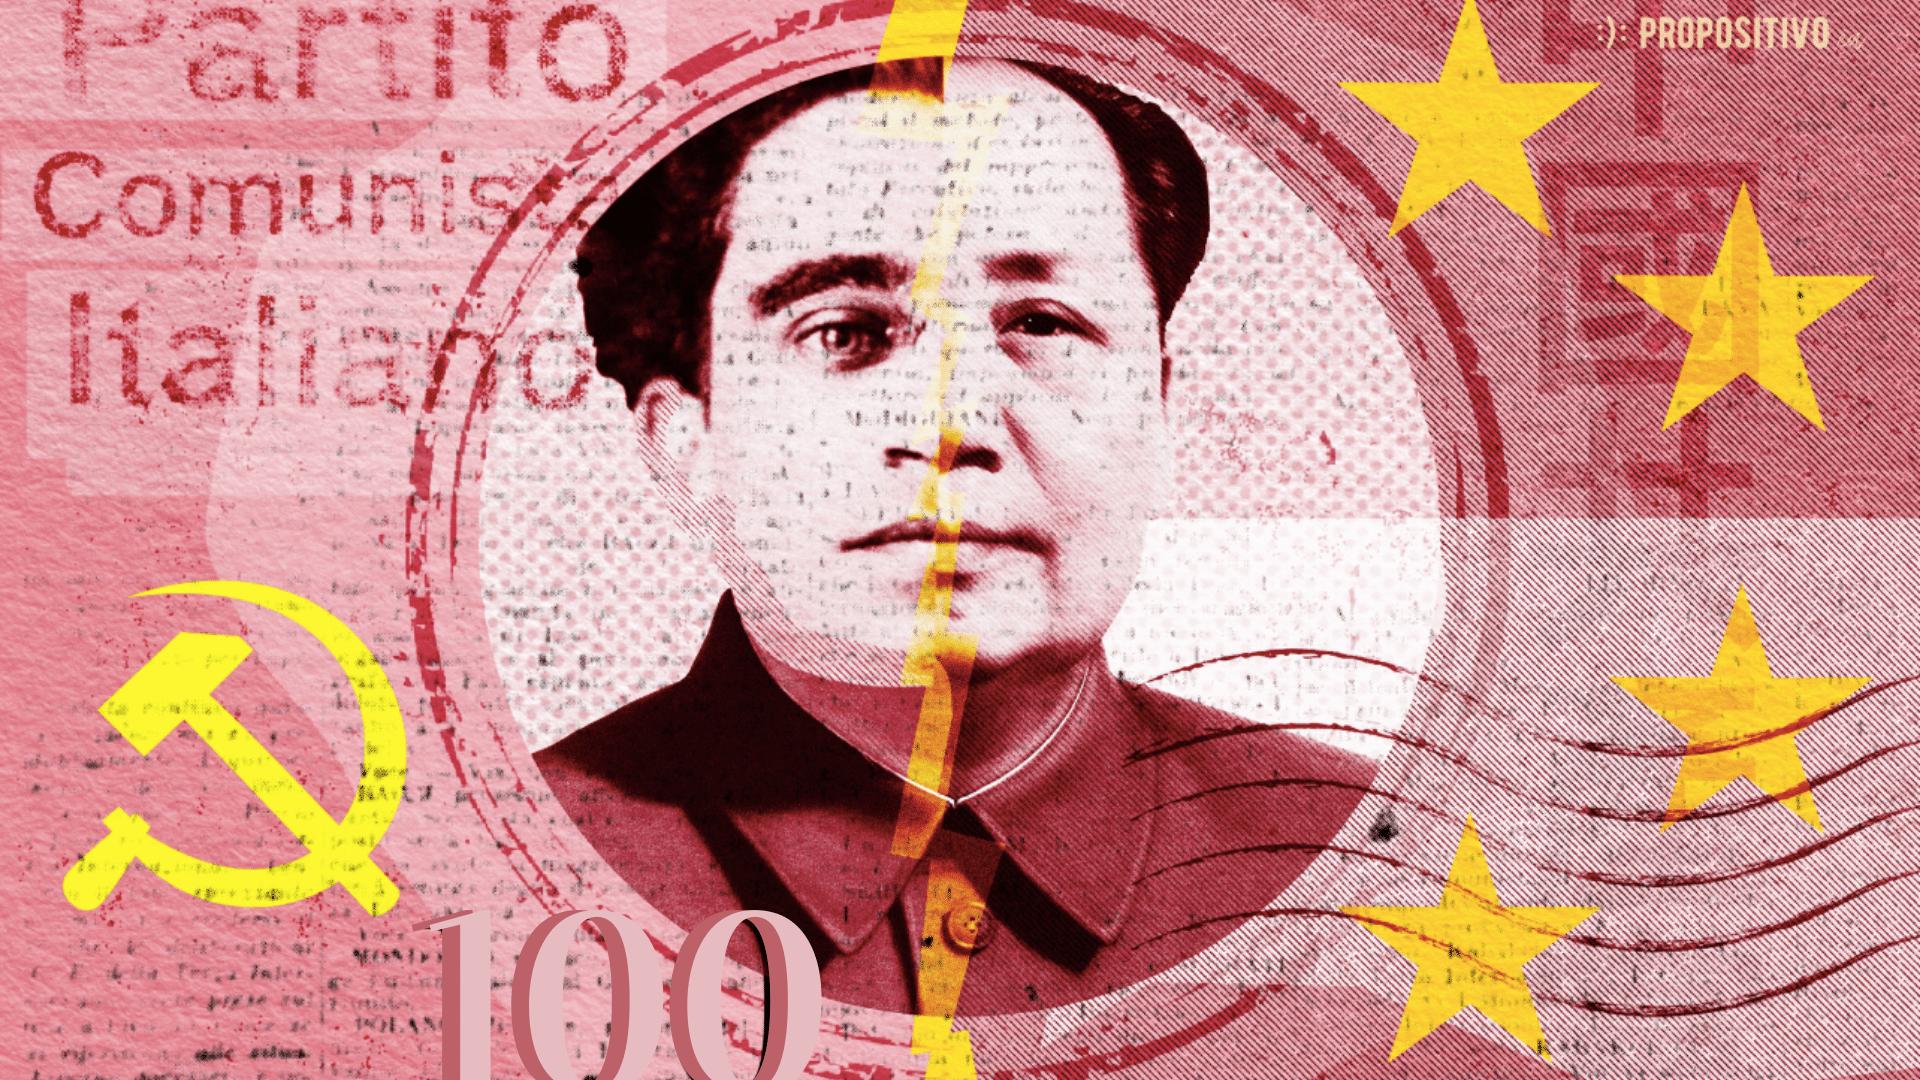 XIISMO 130gramsci 100 pci pcc mao valentina vinci propositivo china files